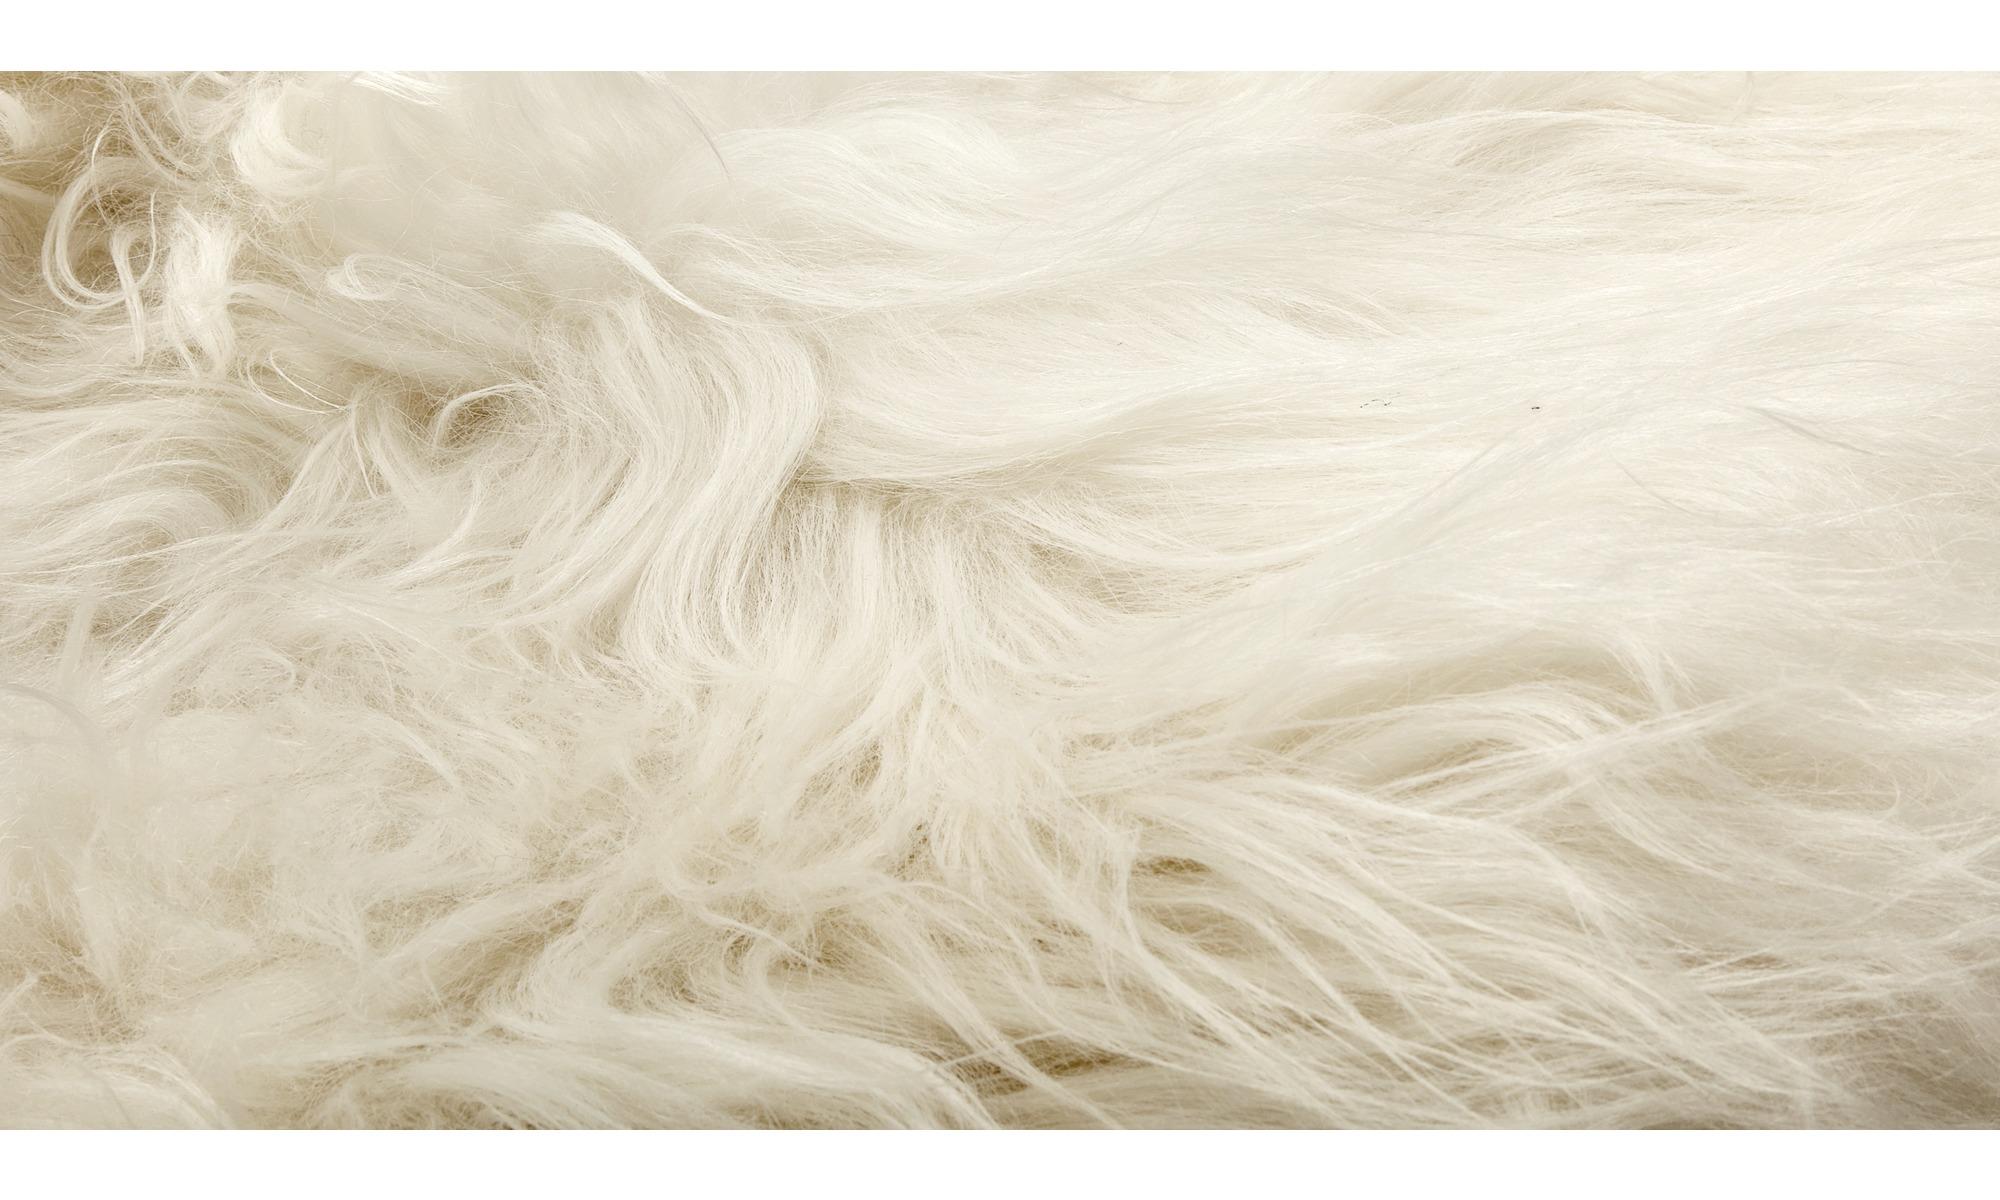 Mantas y cubrecamas piel de oveja sheepskin boconcept - Mantas de piel ...